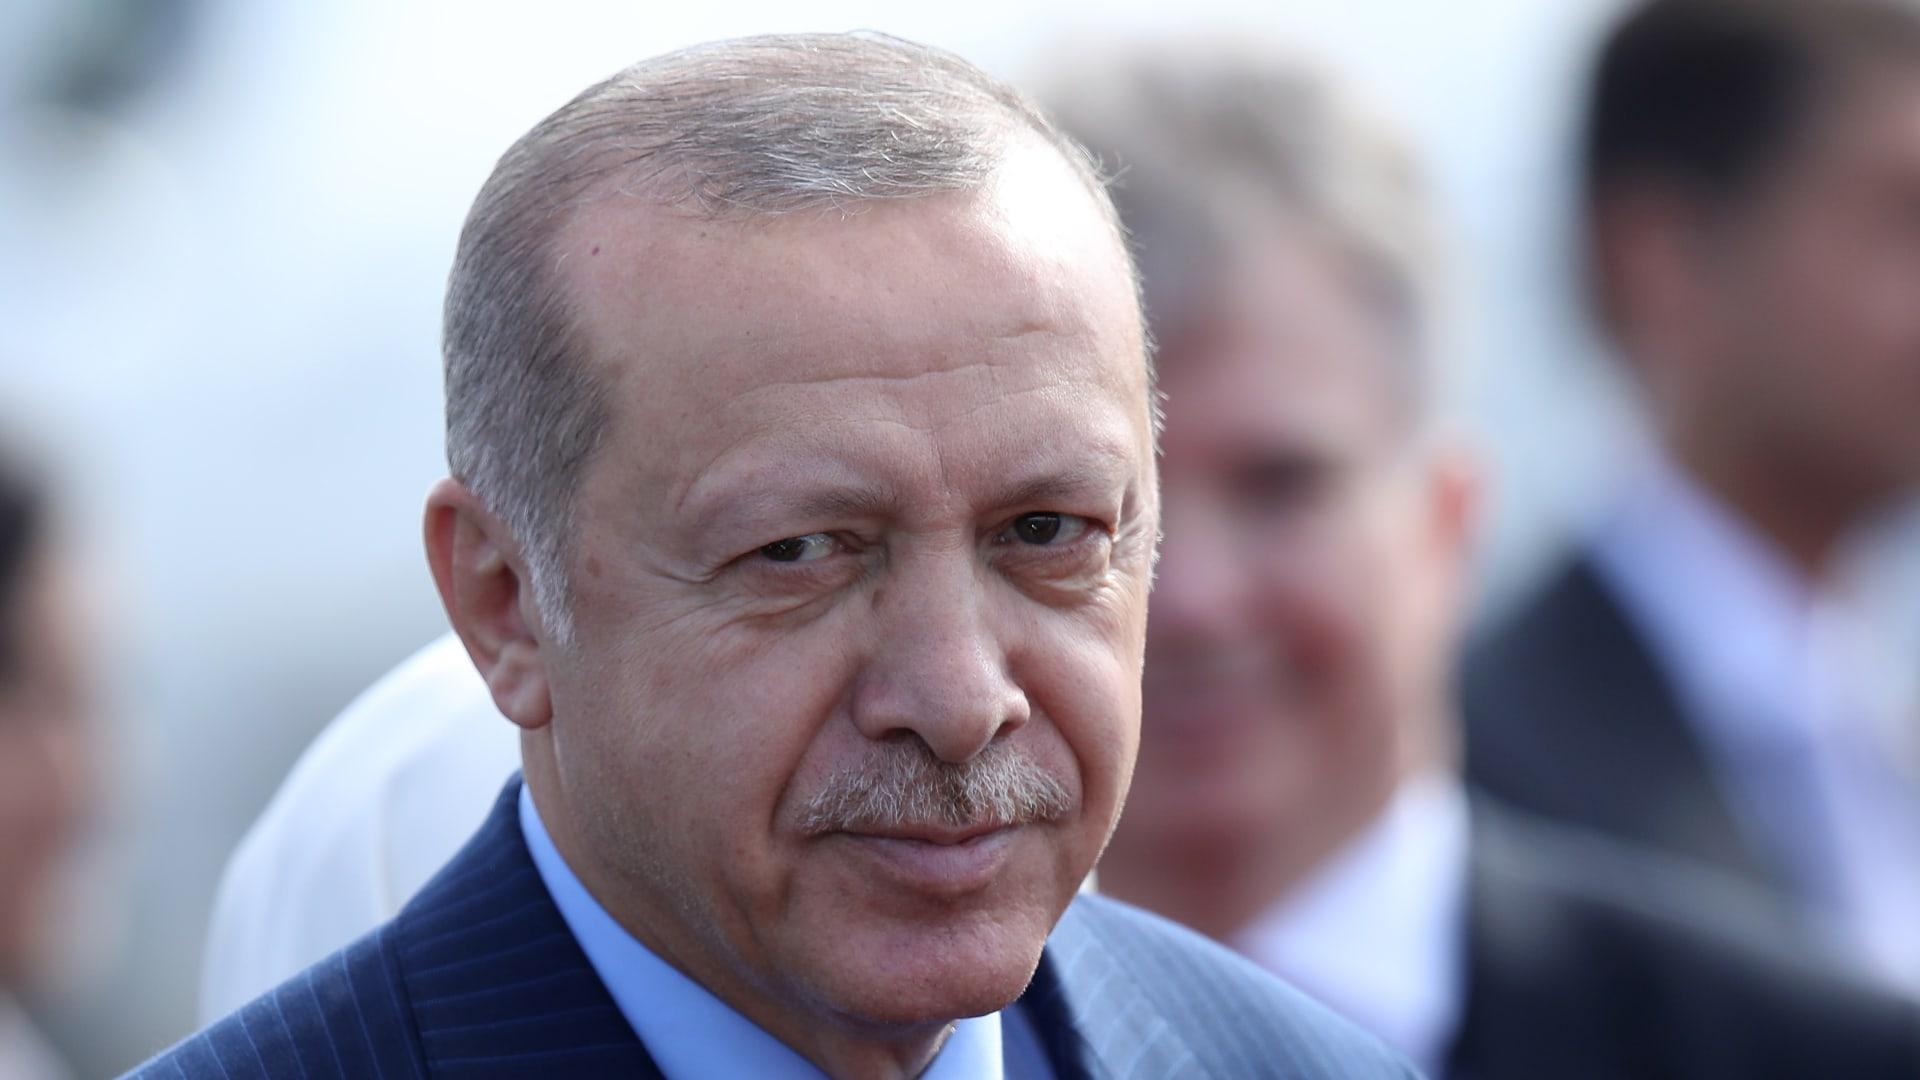 """بعد دعوات من جماعات """"متدينة"""".. أردوغان يقرر سحب تركيا من اتفاقية لحماية المرأة"""